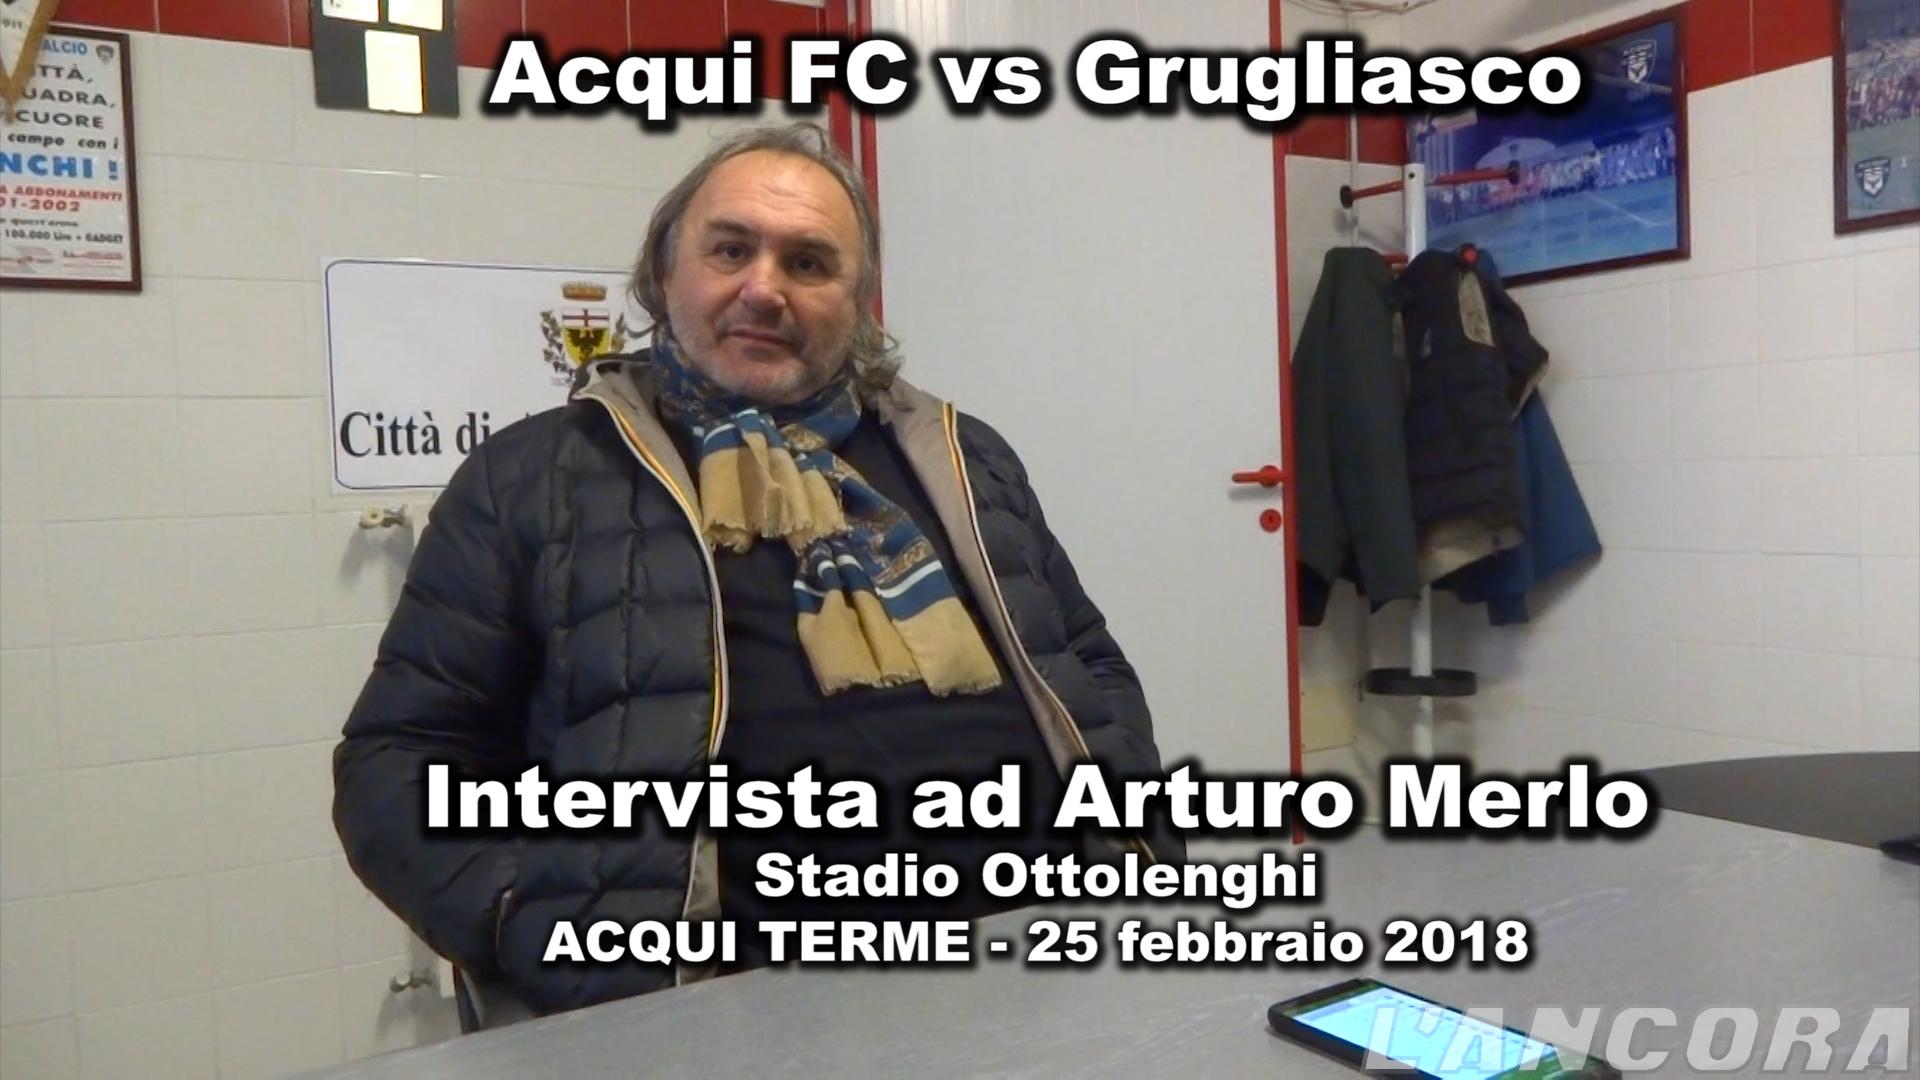 Intervista ad Arturo Merlo